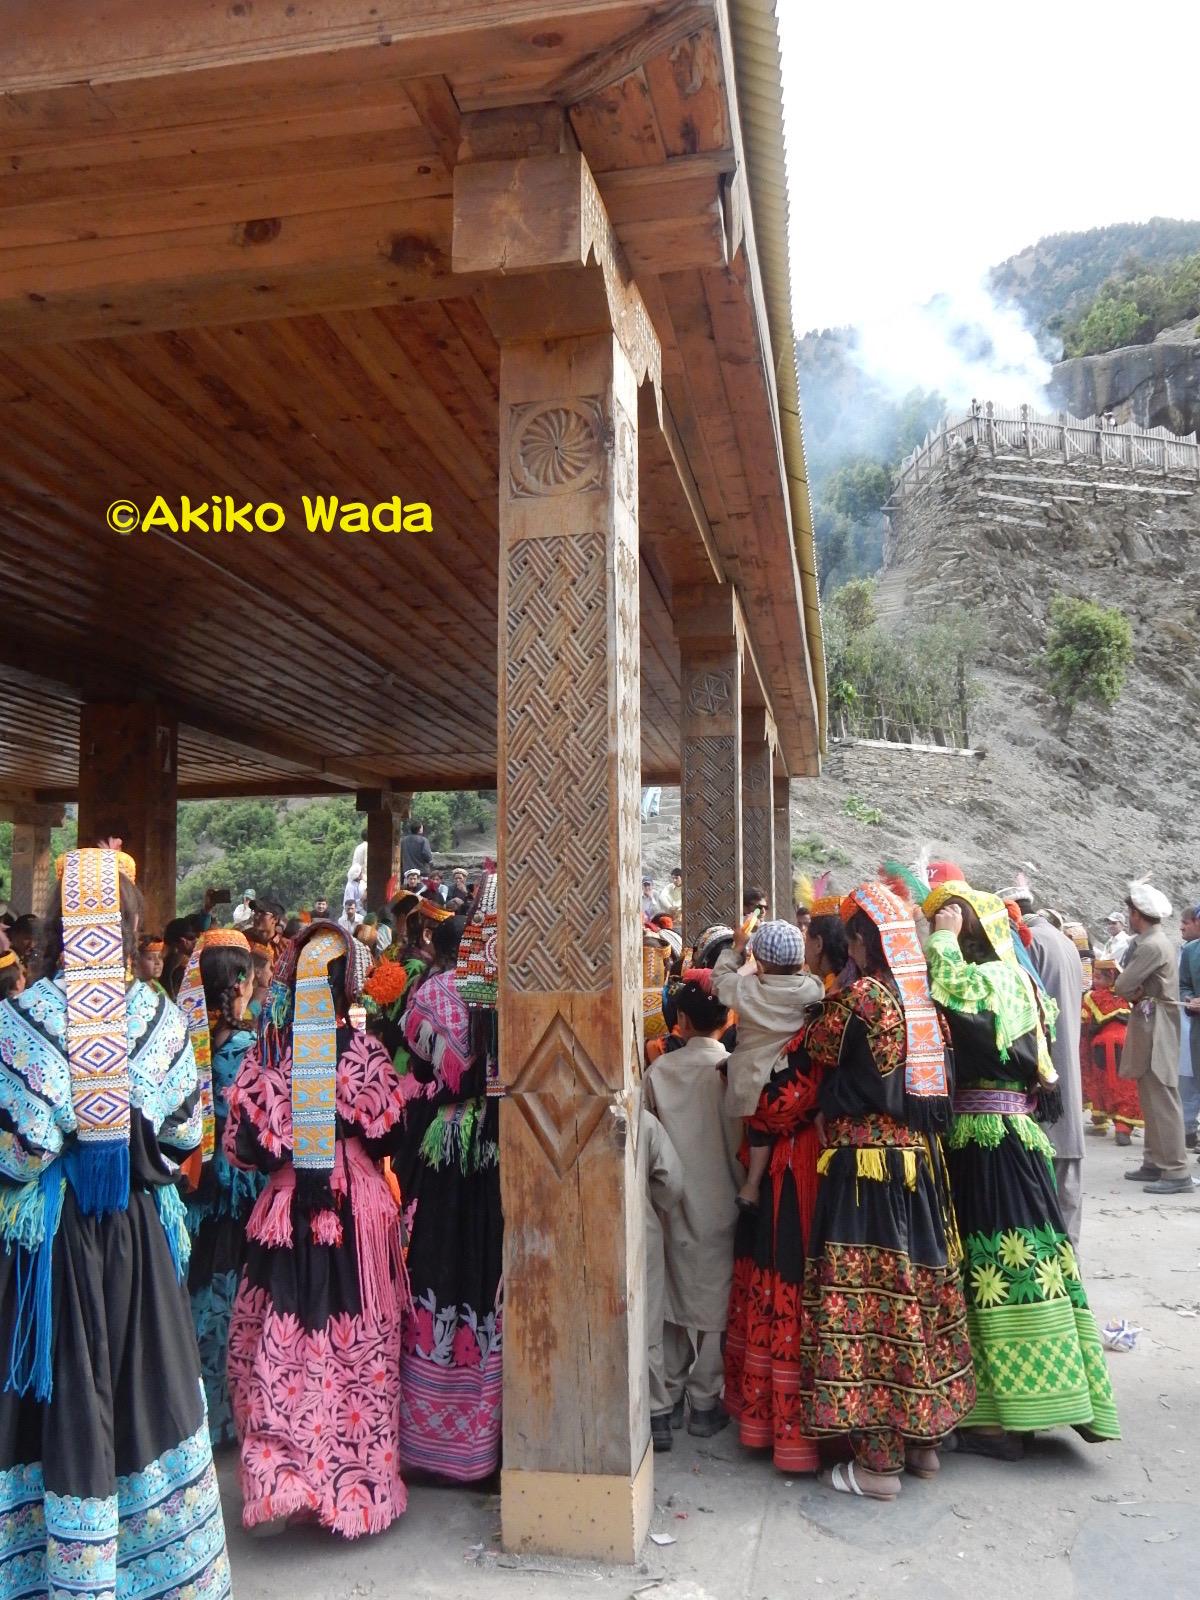 大ジョシの午後、女性たちが踊り場で踊りを楽しむ中、男性群は高台にある谷の守り神マハンデオにチーズとパンを捧げる儀礼を行う。